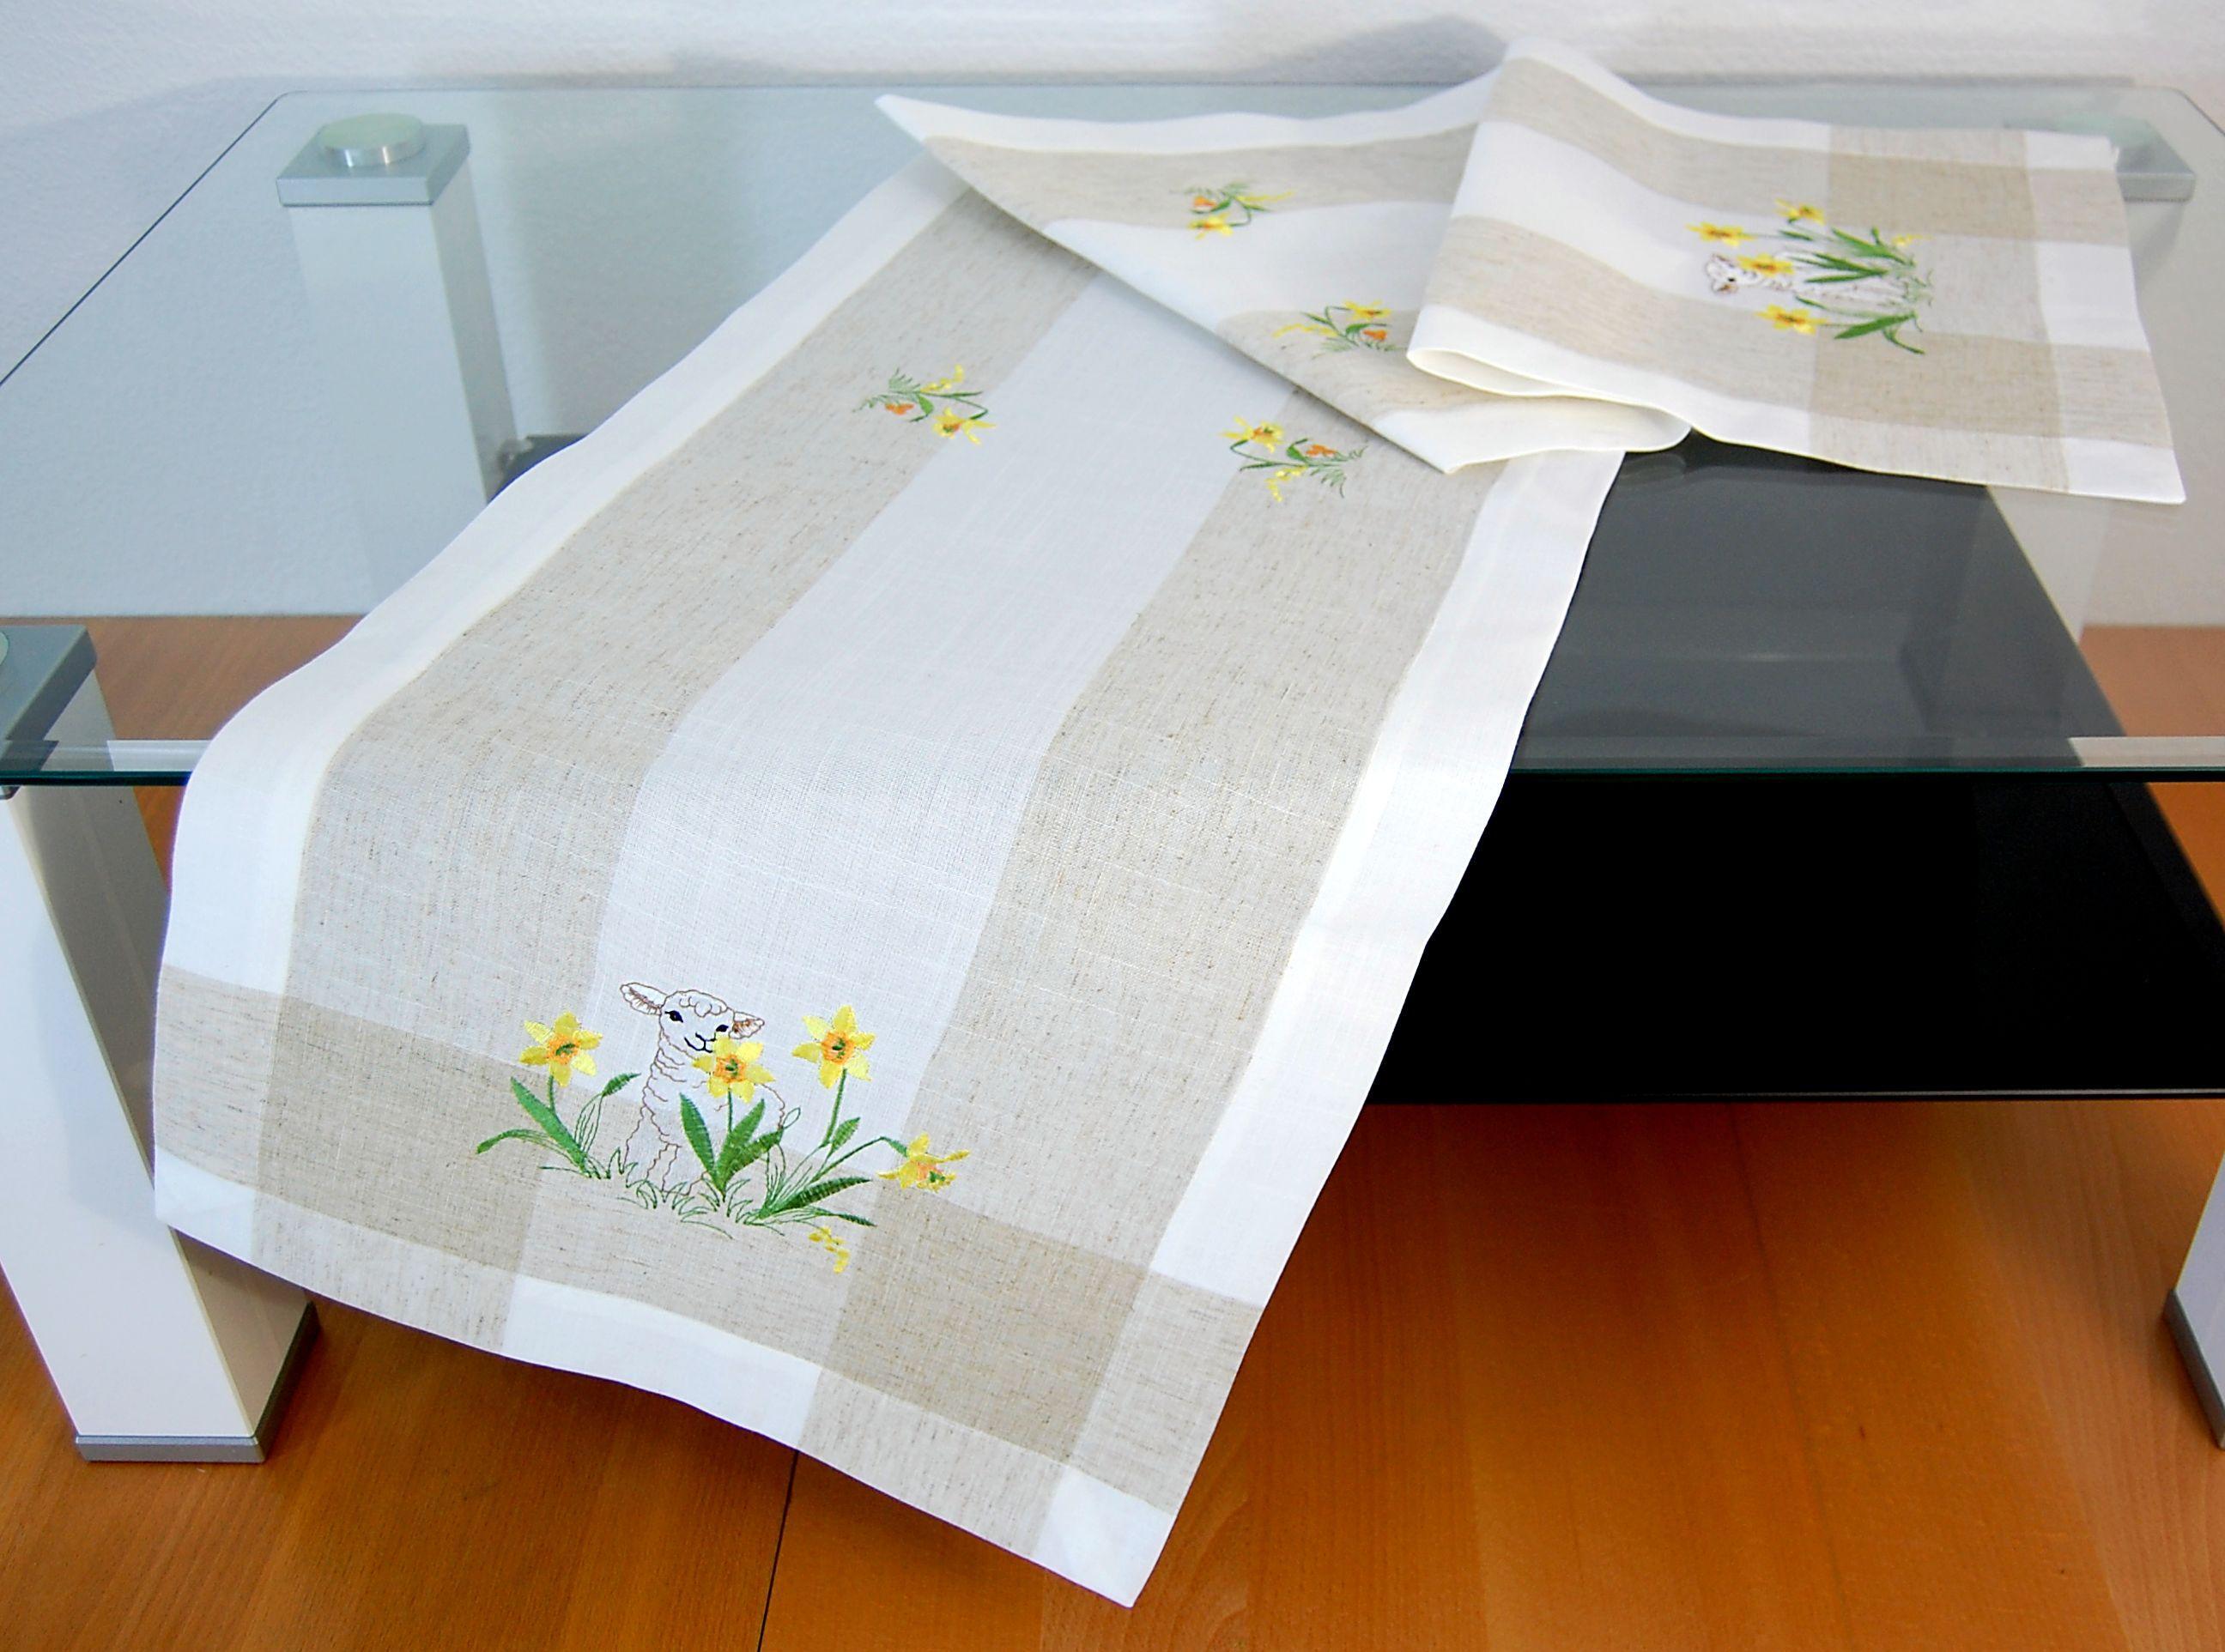 tischdecke ostern leinenoptik osterlamm landhaus. Black Bedroom Furniture Sets. Home Design Ideas